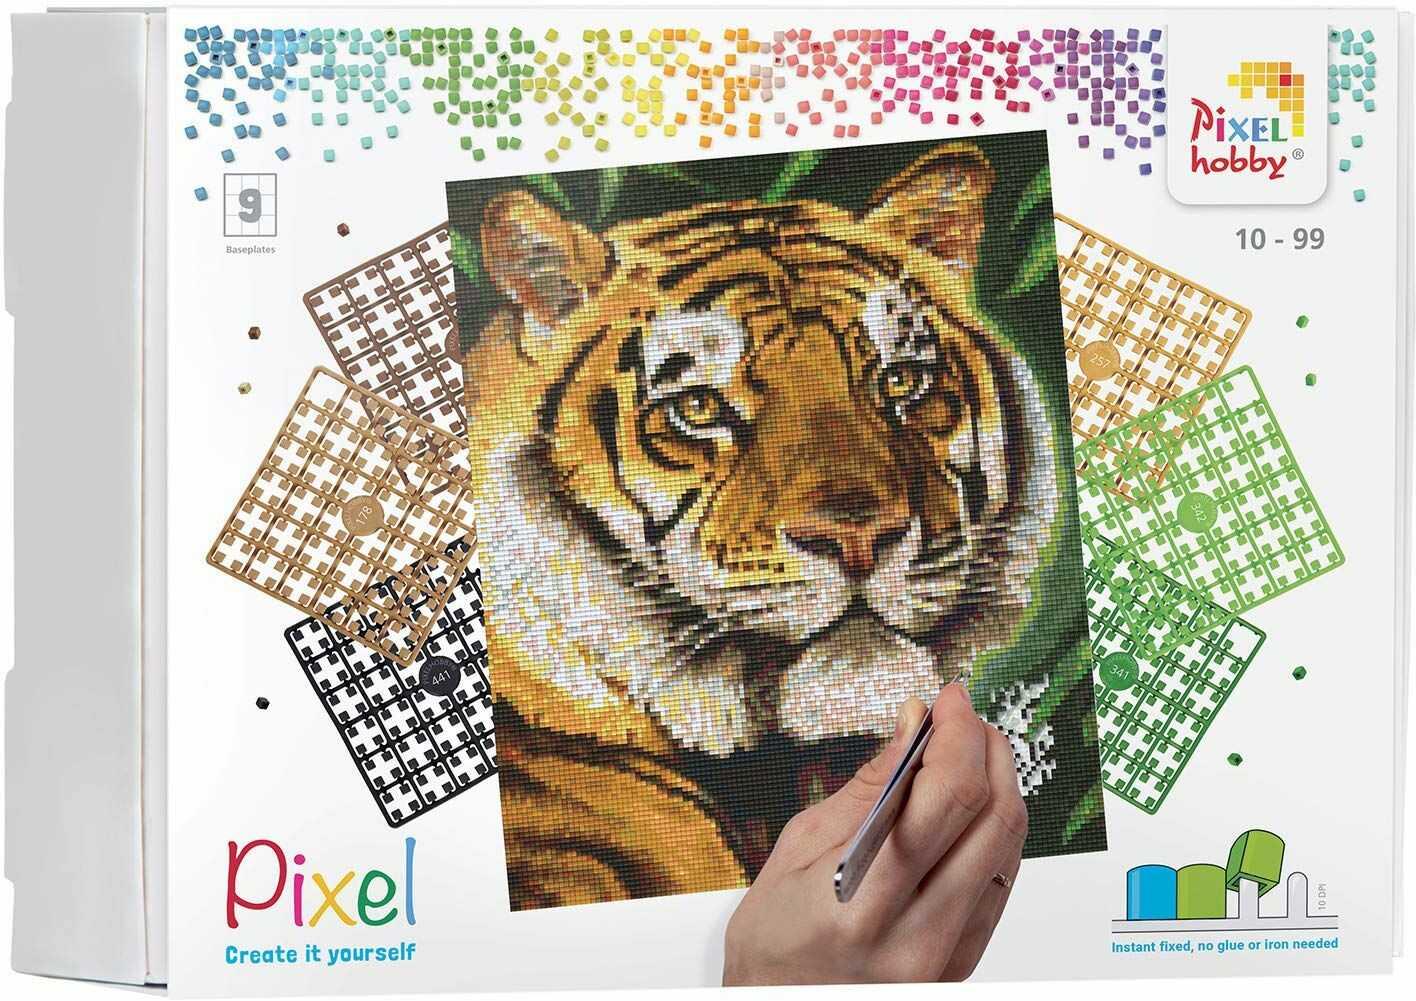 Pixel P090043 Mozaika opakowanie na prezent Tygrys. Obraz pikseli około 30,5 x 38,1 cm rozmiar do tworzenia dla dzieci i dorosłych, kolorowy